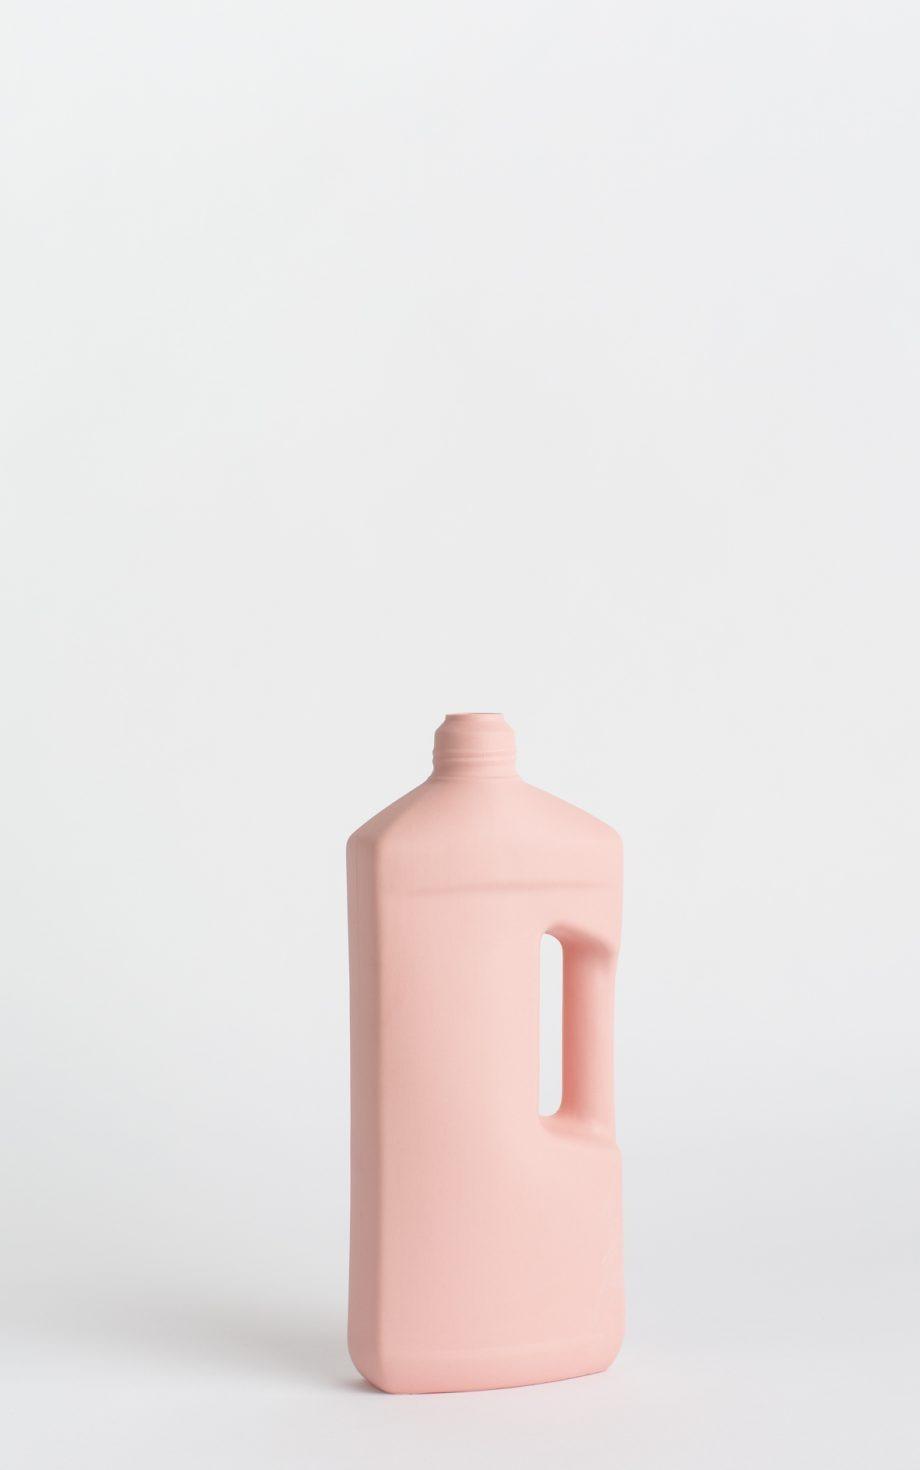 bottle vase #3 rose pink